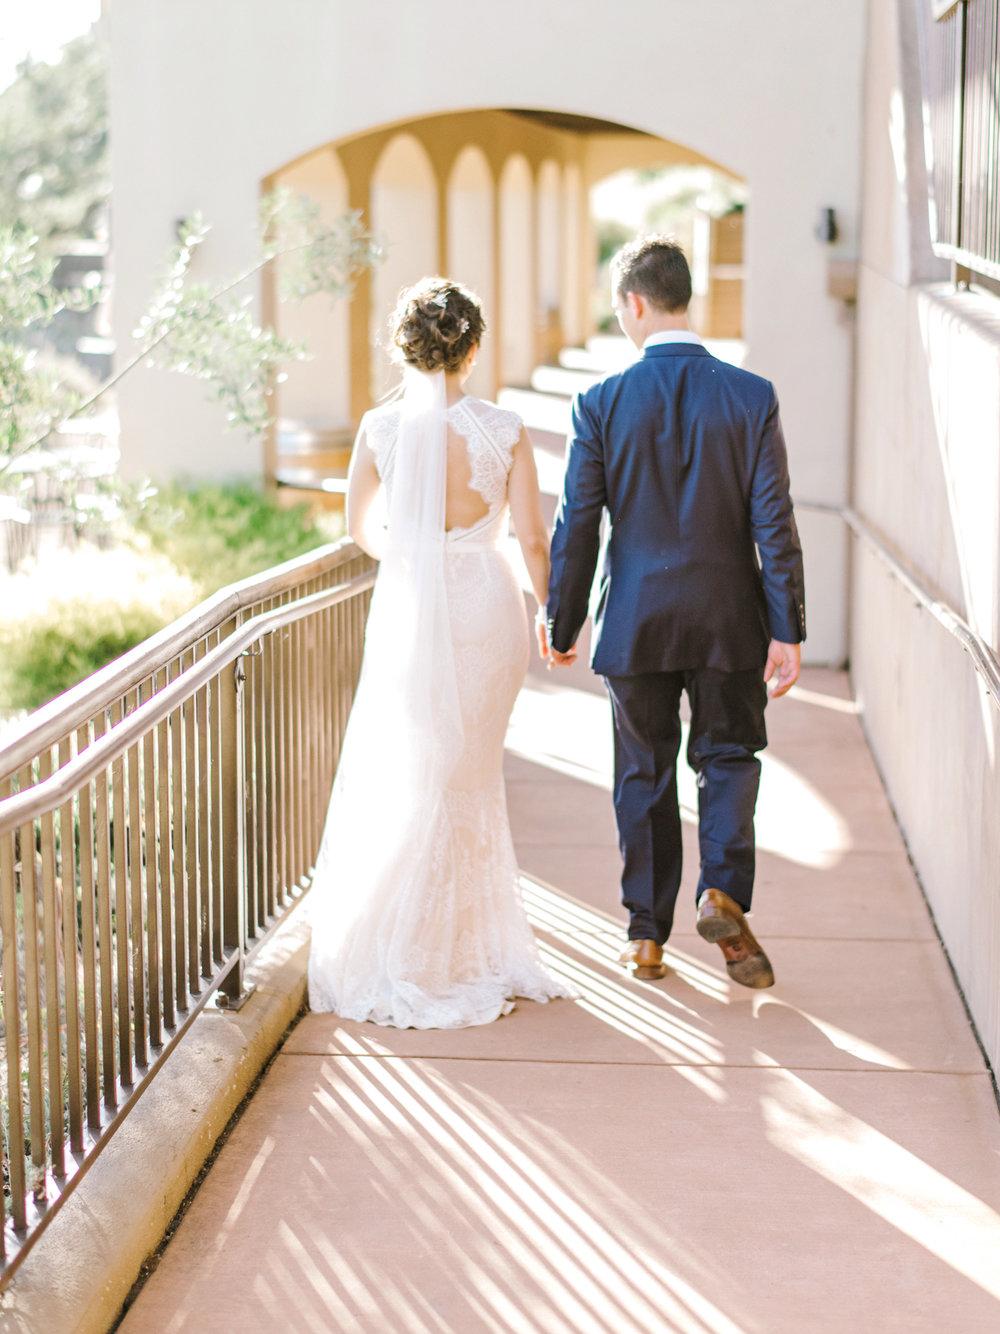 radostinaboseva_napa_wedding_california-84.jpg